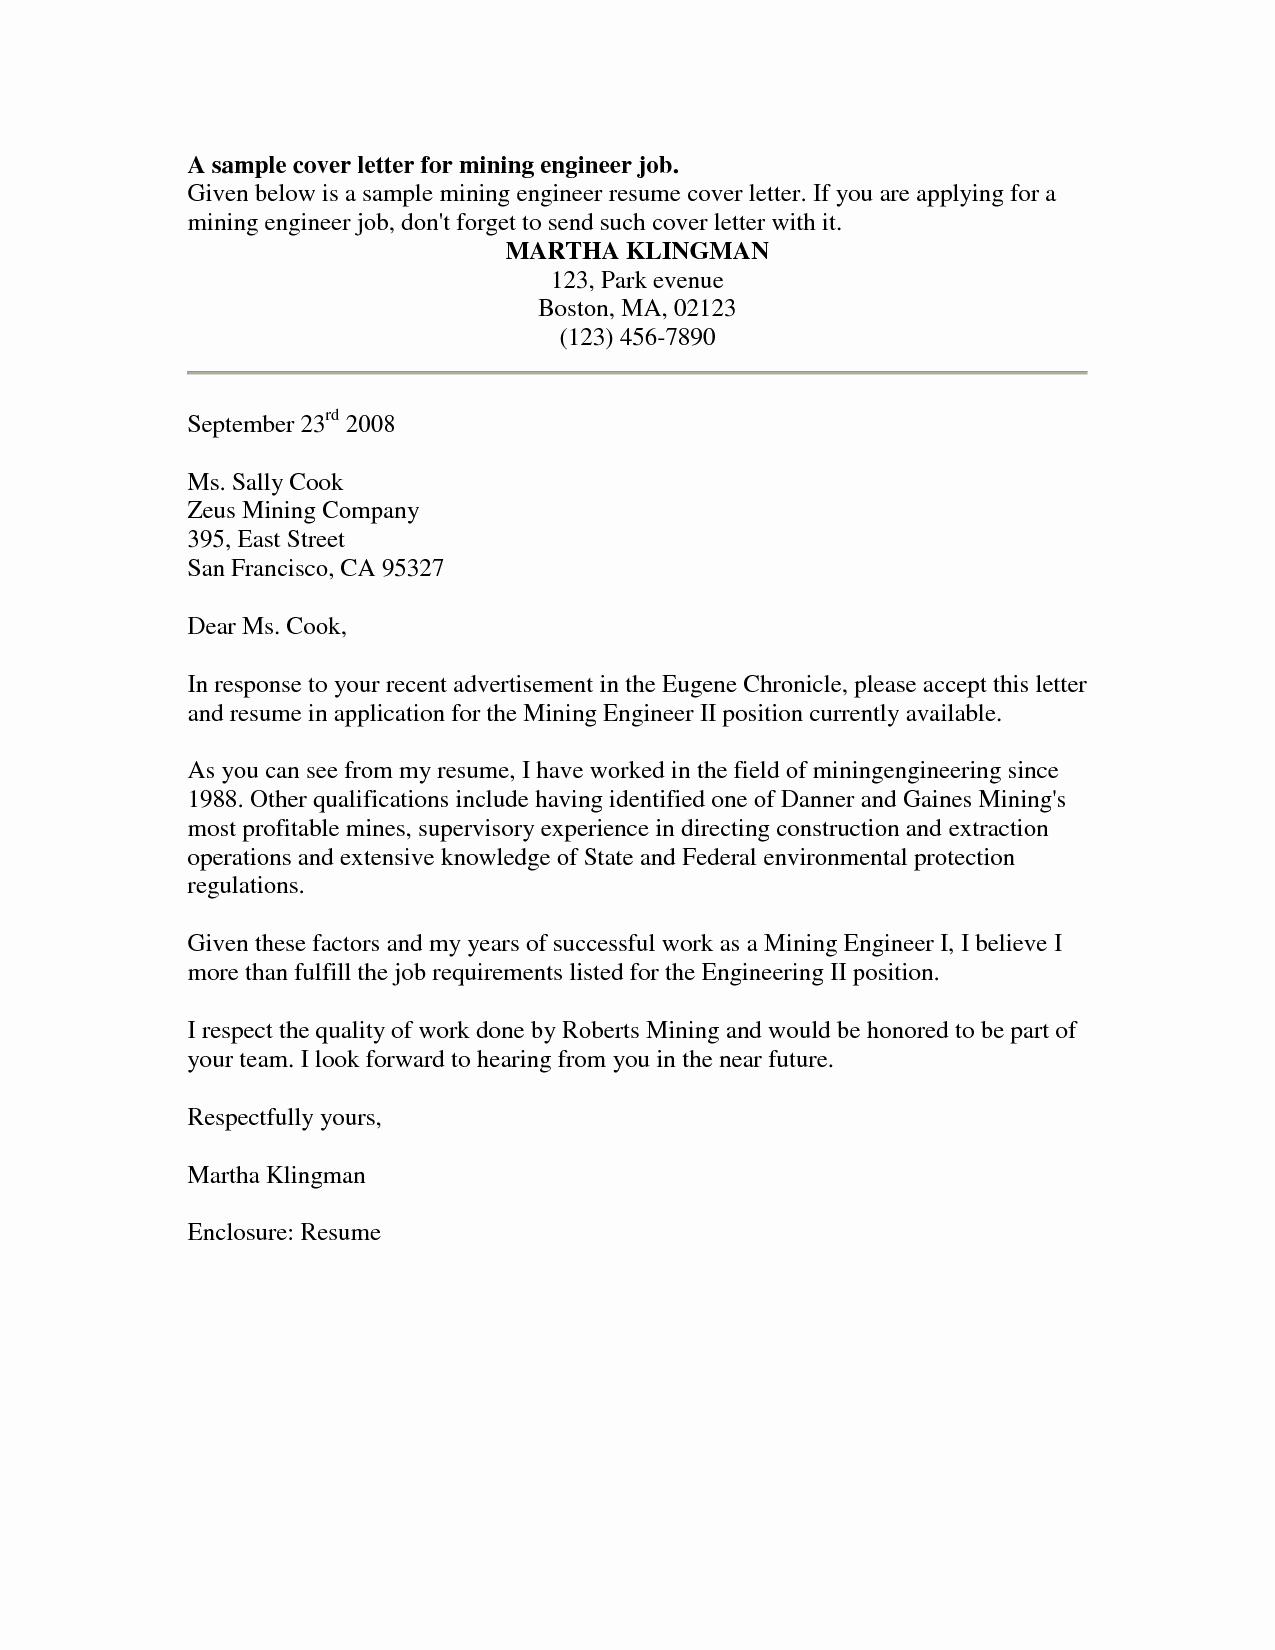 Sample Job Cover Letter Elegant Cover Letter Sample Free Sample Job Cover Letter for